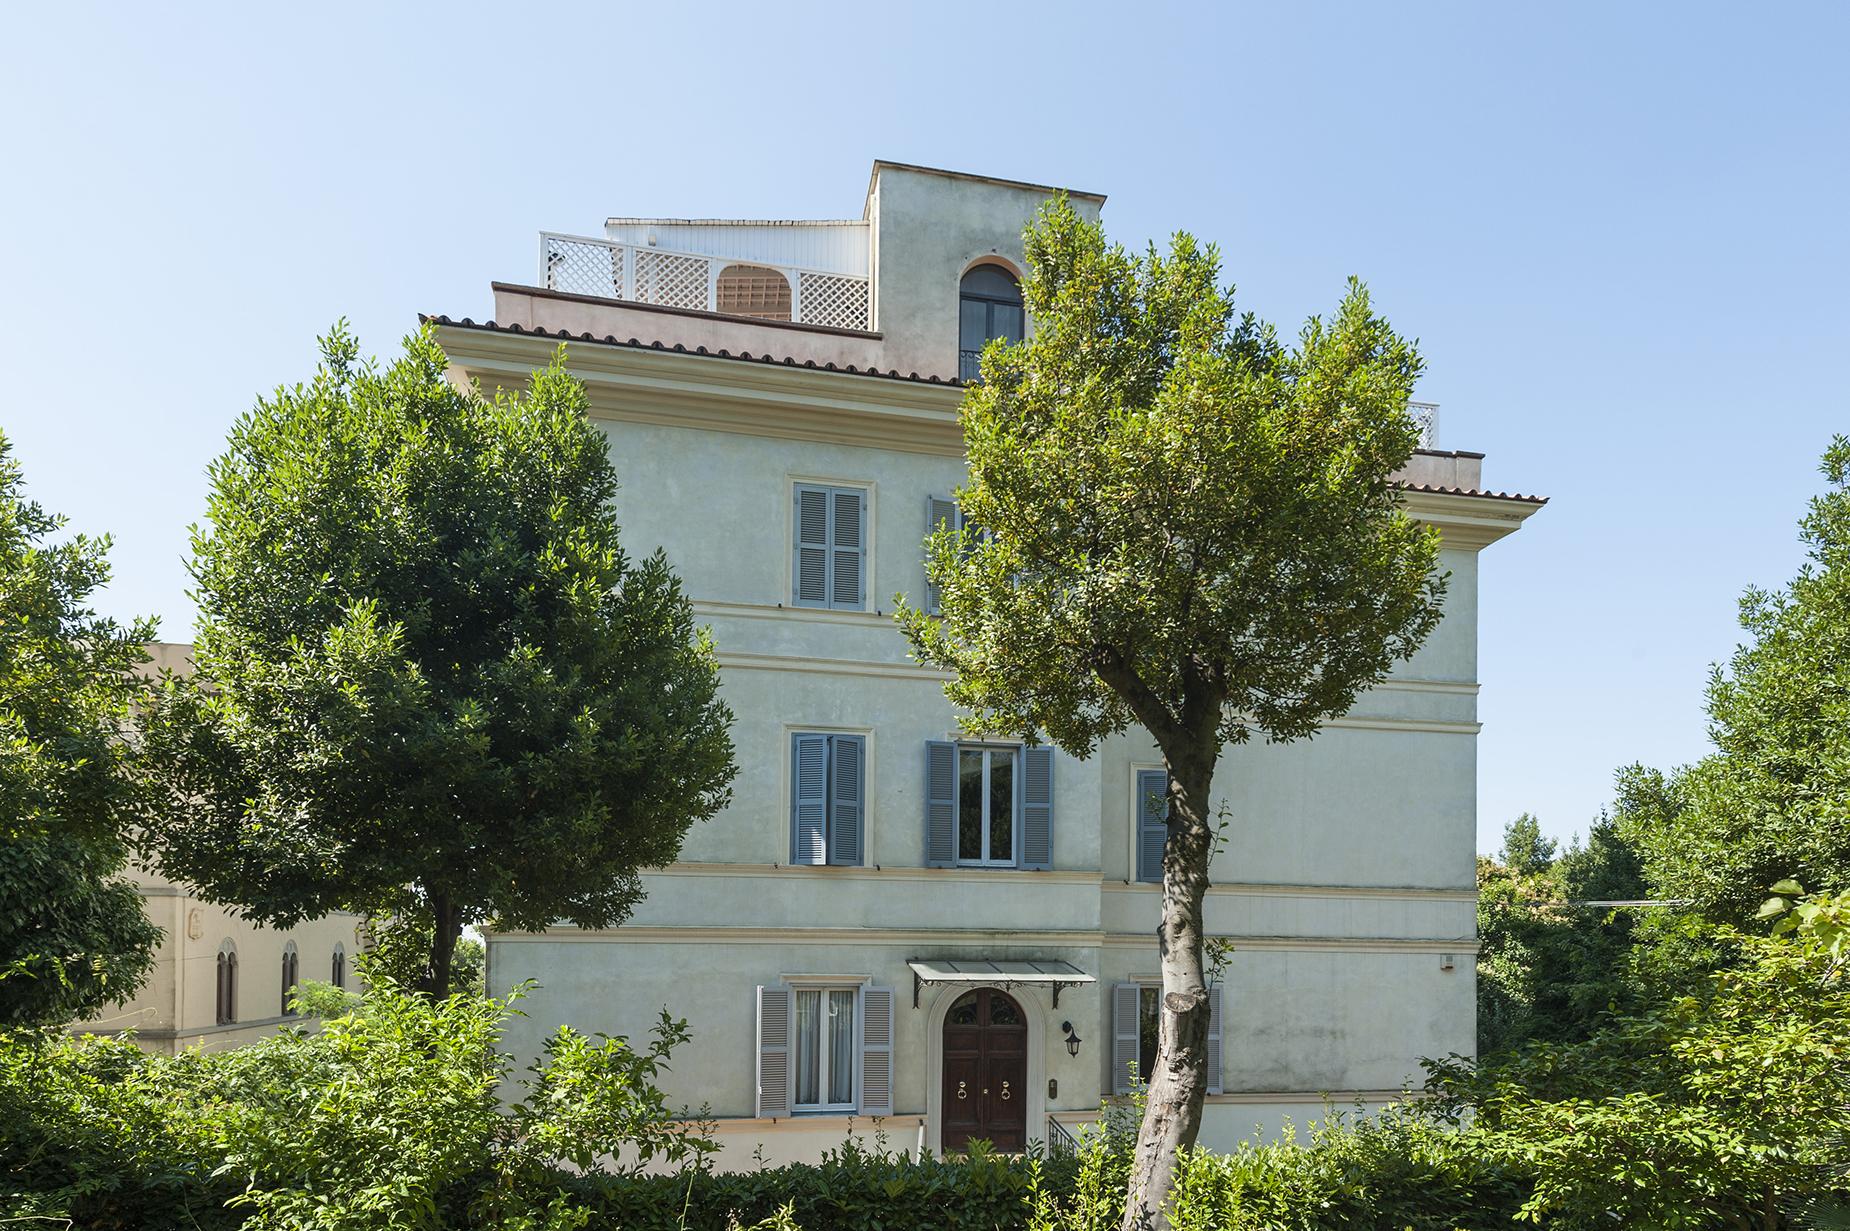 Appartamento in Vendita a Ariccia: 5 locali, 220 mq - Foto 1